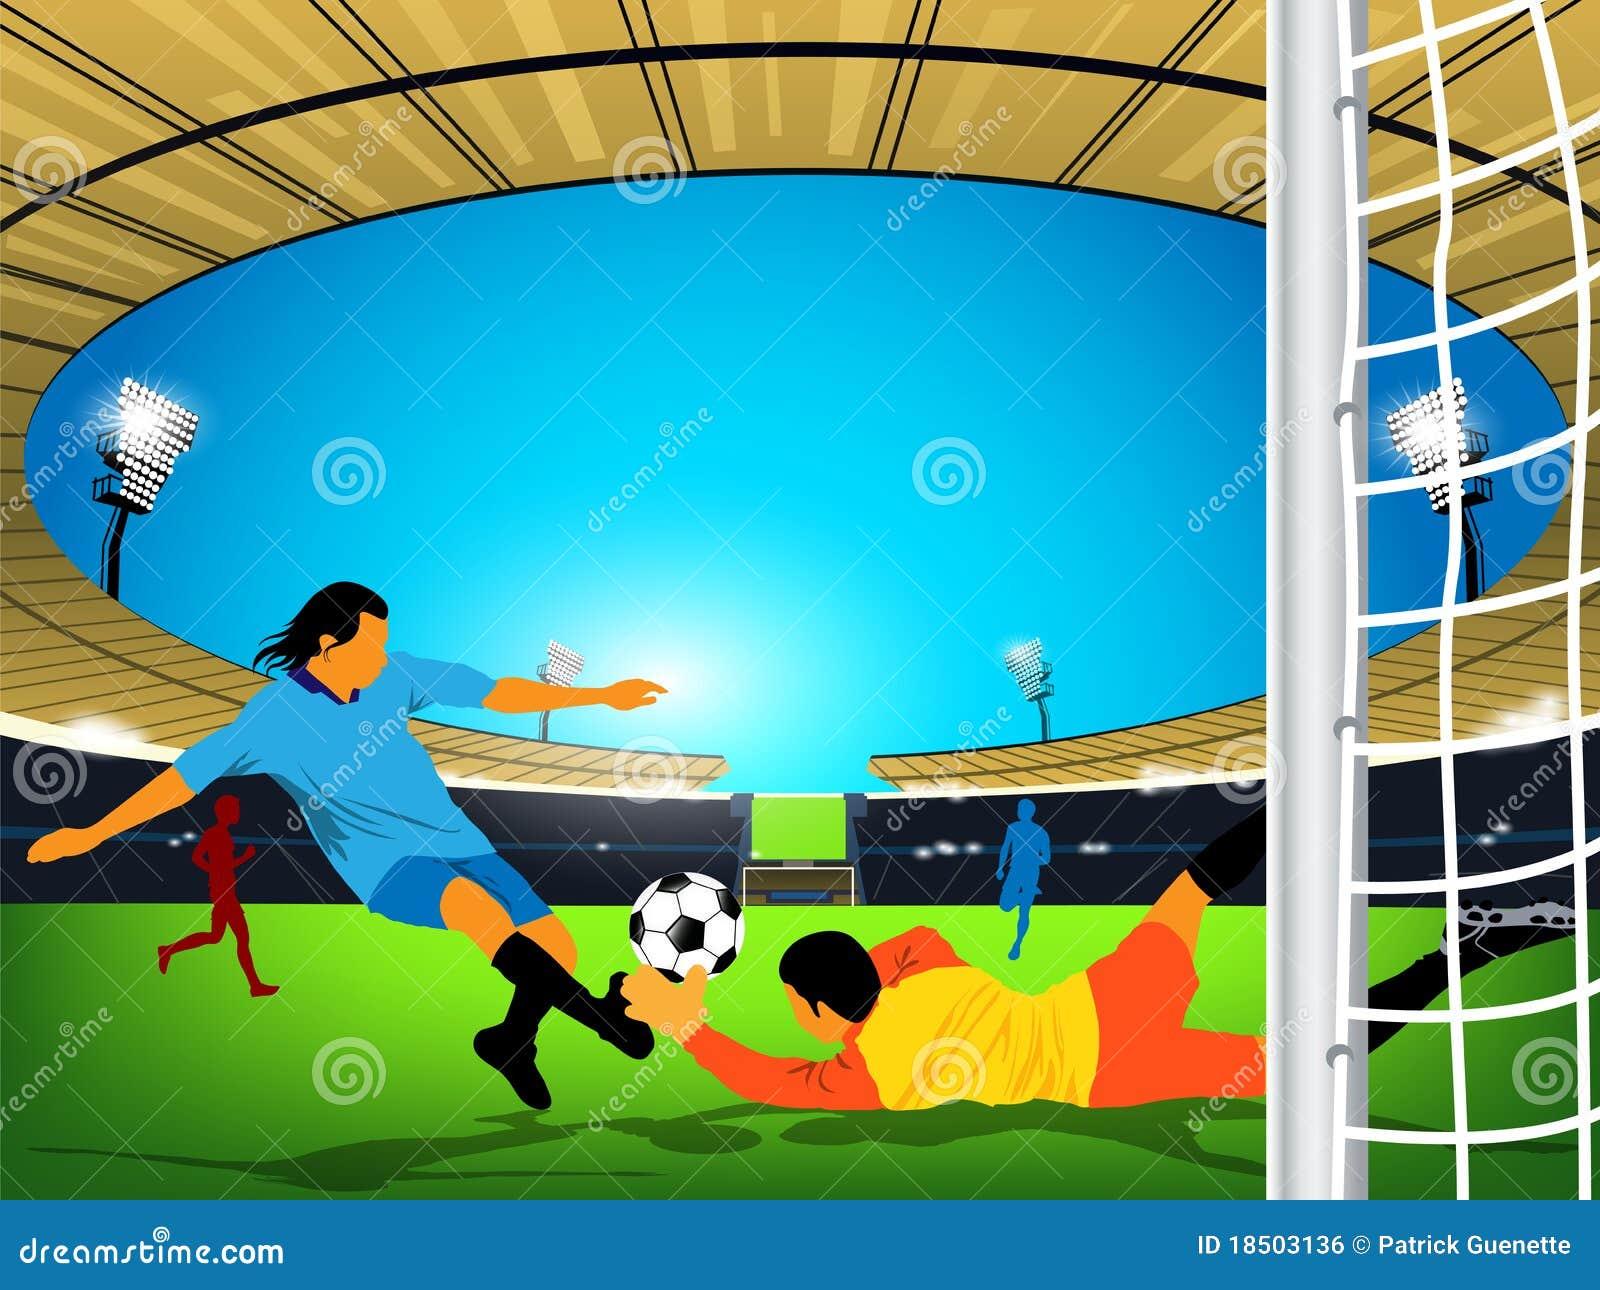 Jeu de football dans un stade extérieur. Énergie au but